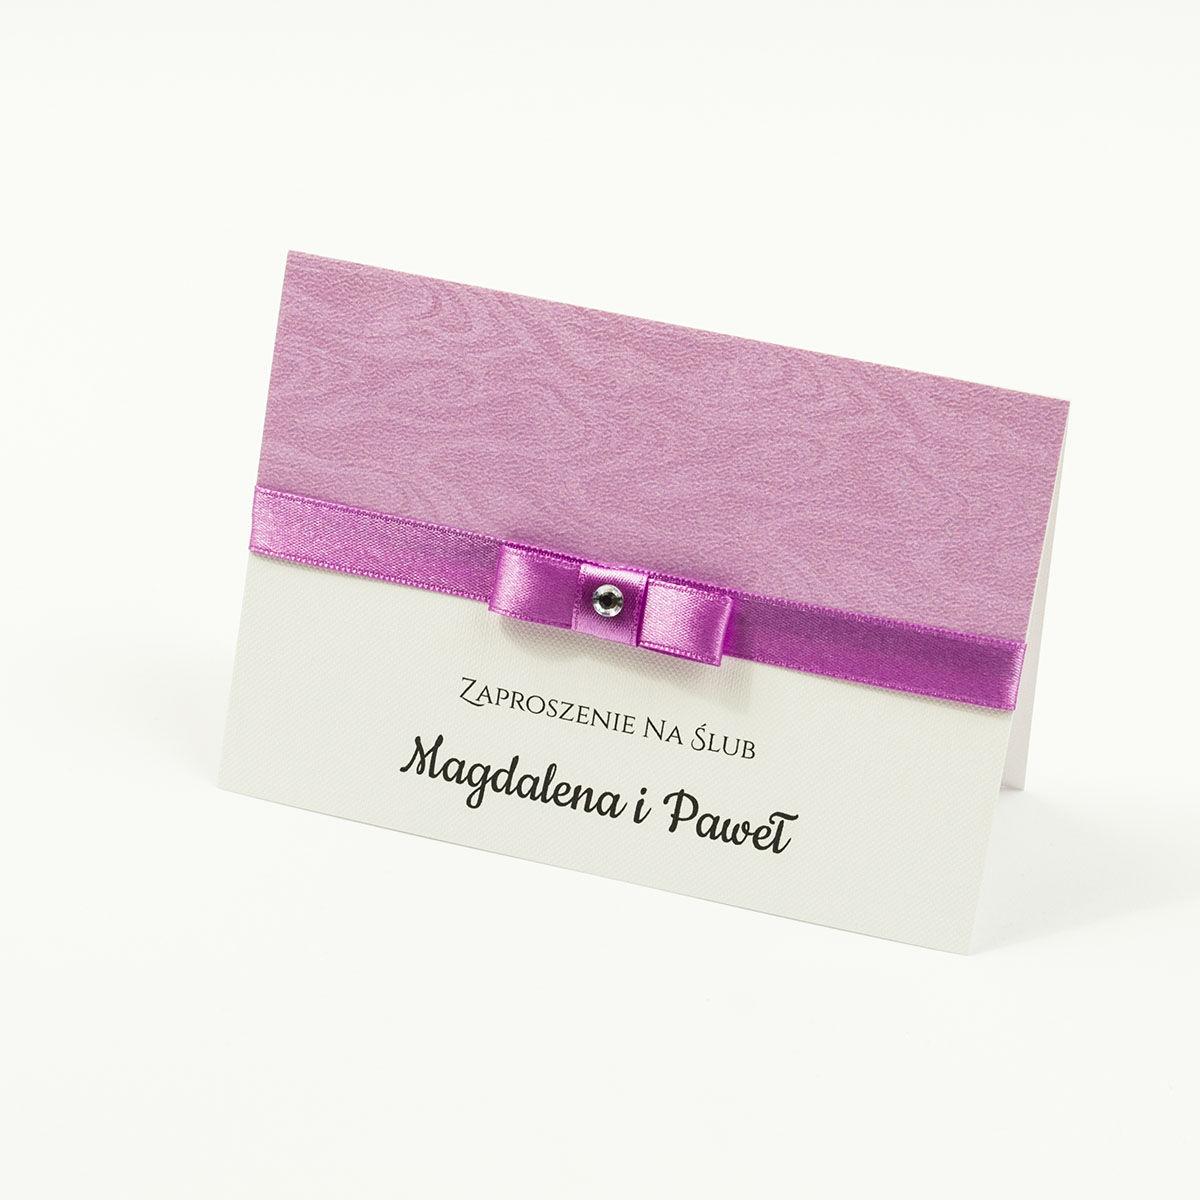 Bardzo eleganckie zaproszenia ślubne z blado-amarantową wstążką, różowym papierem ozdobnym z motywem słojów drzew, cyrkonią i wklejanym wnętrzem. ZAP-64-71